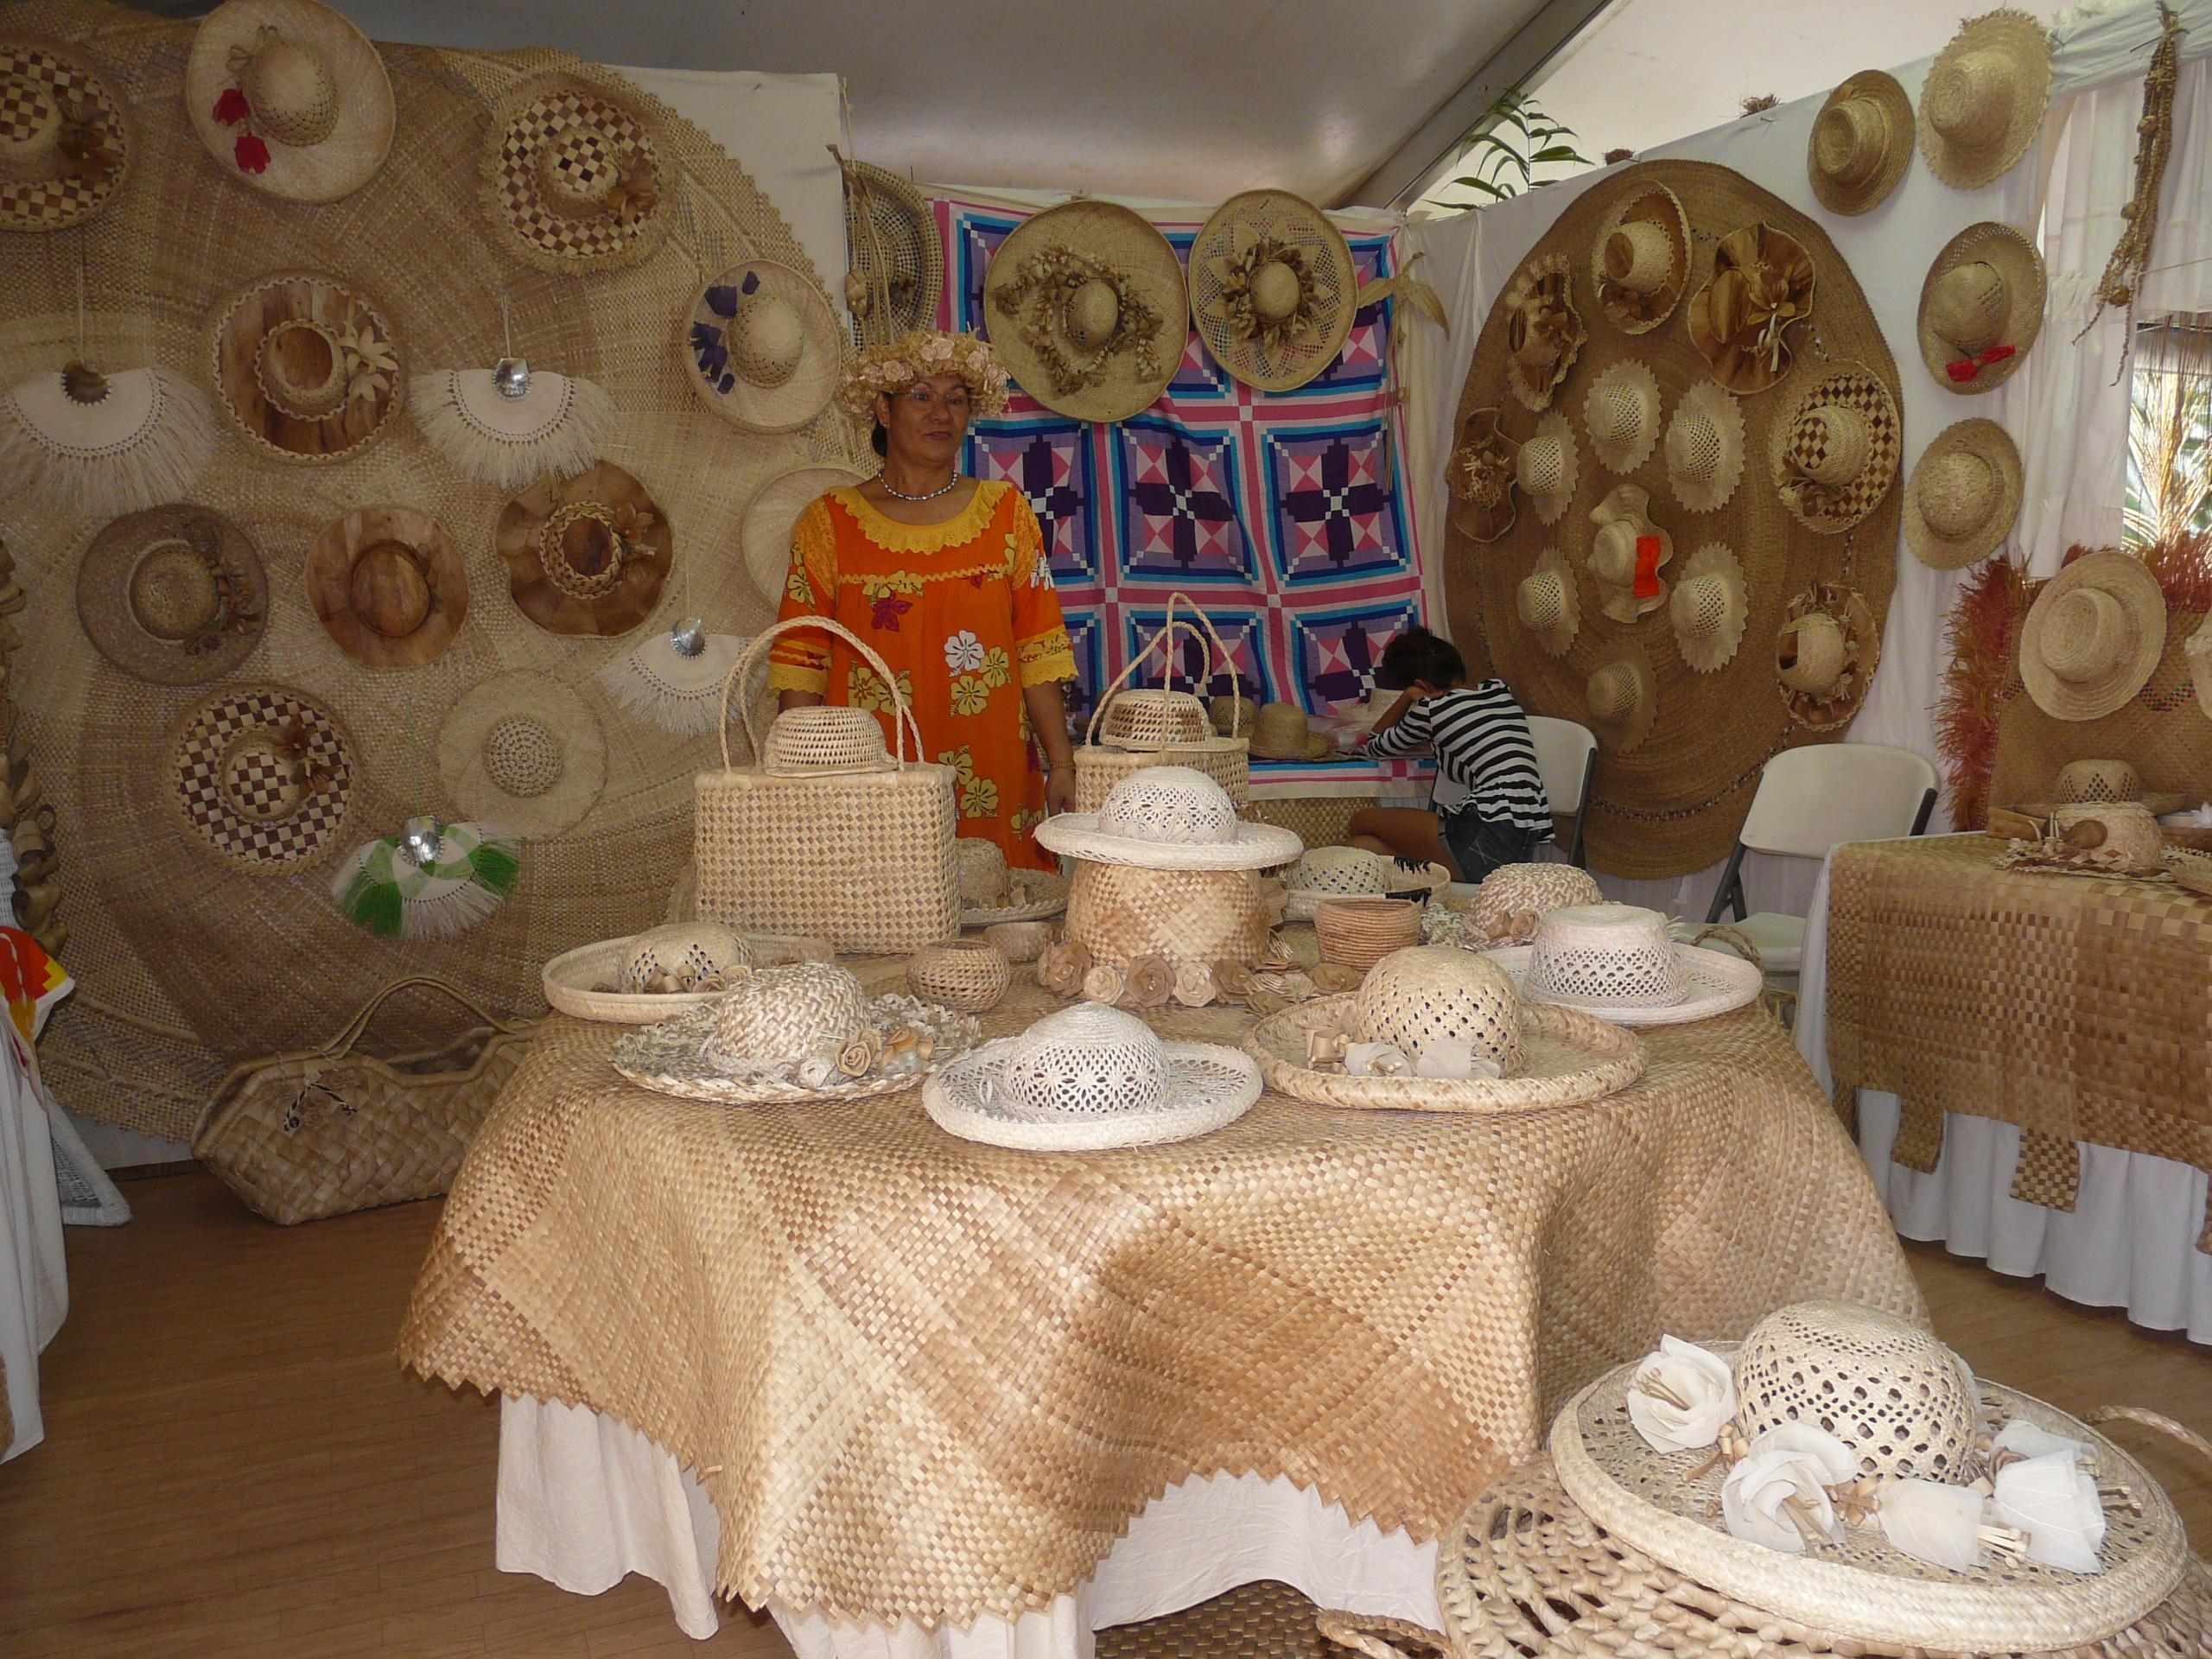 Bienvenue en Polynésie Française.: L' art polynésien